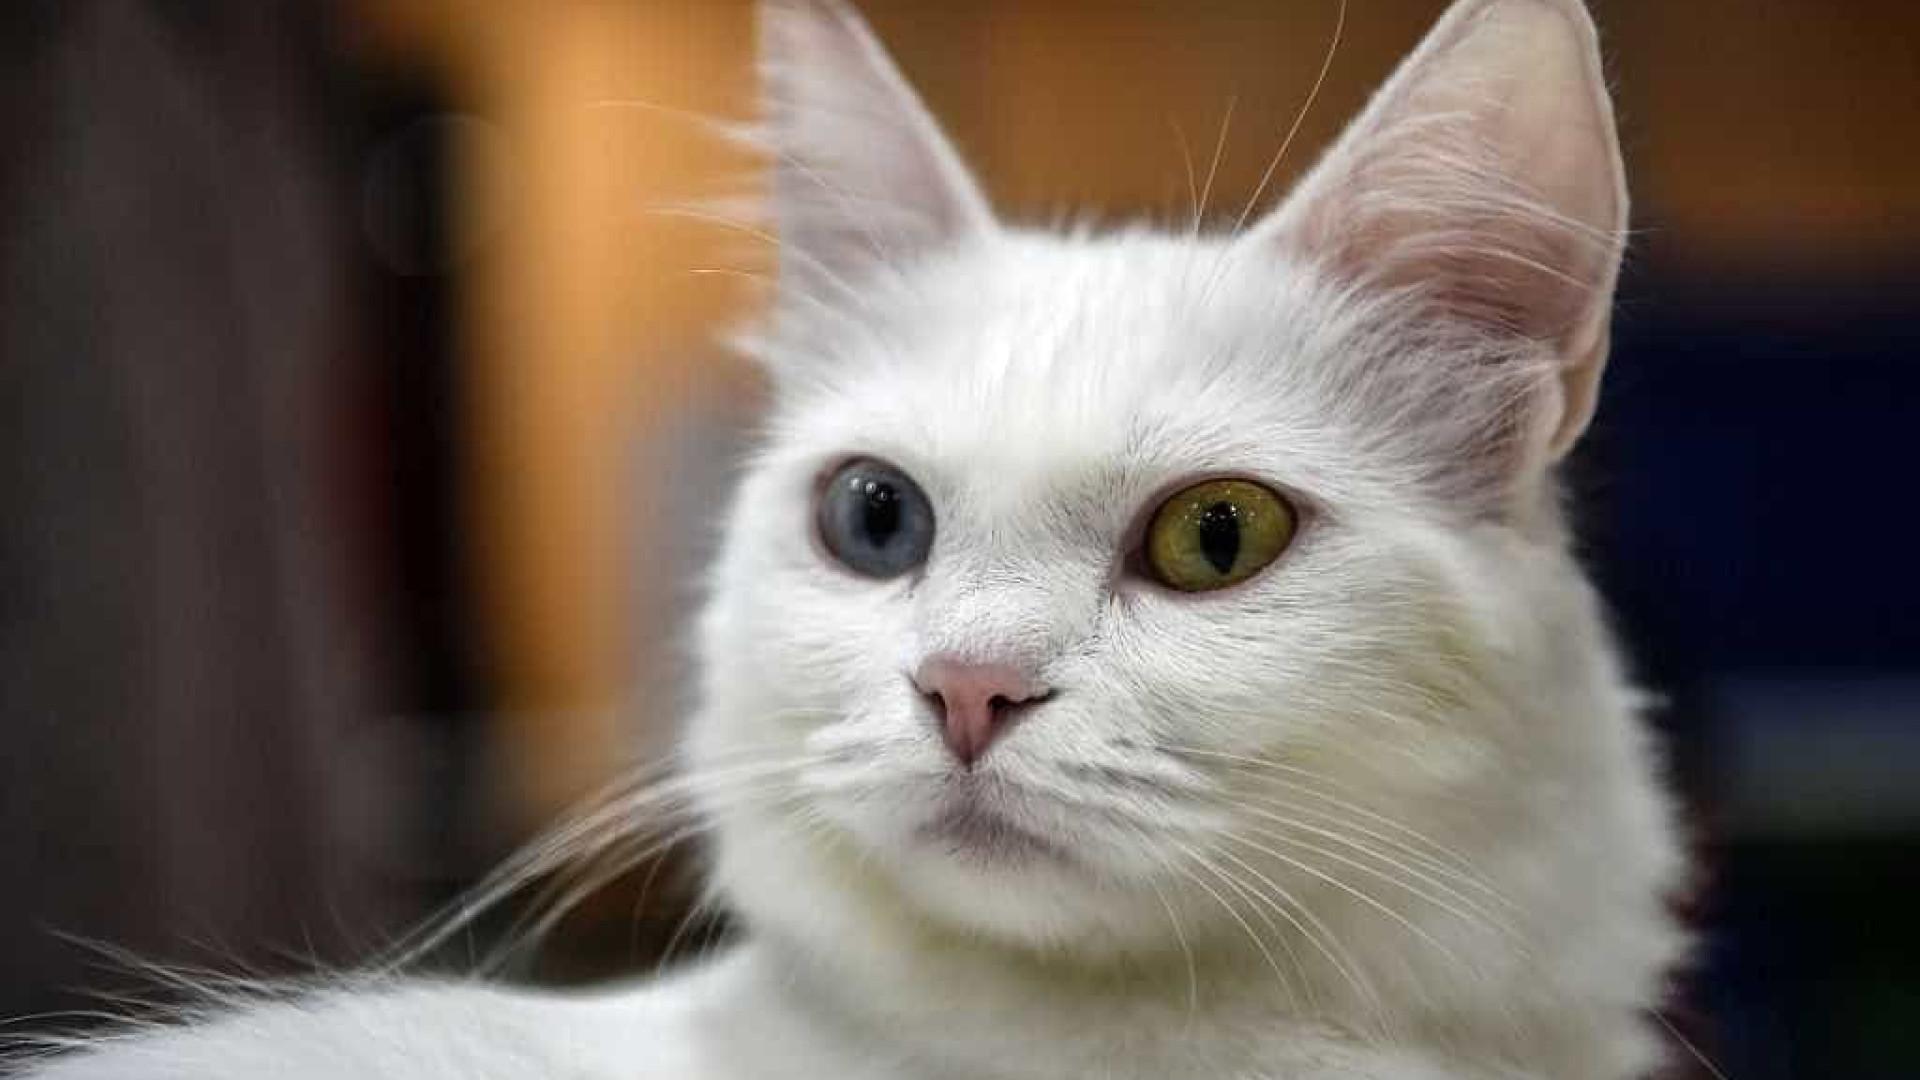 Polícia investiga extermínio de gatos em condomínio de luxo no Rio